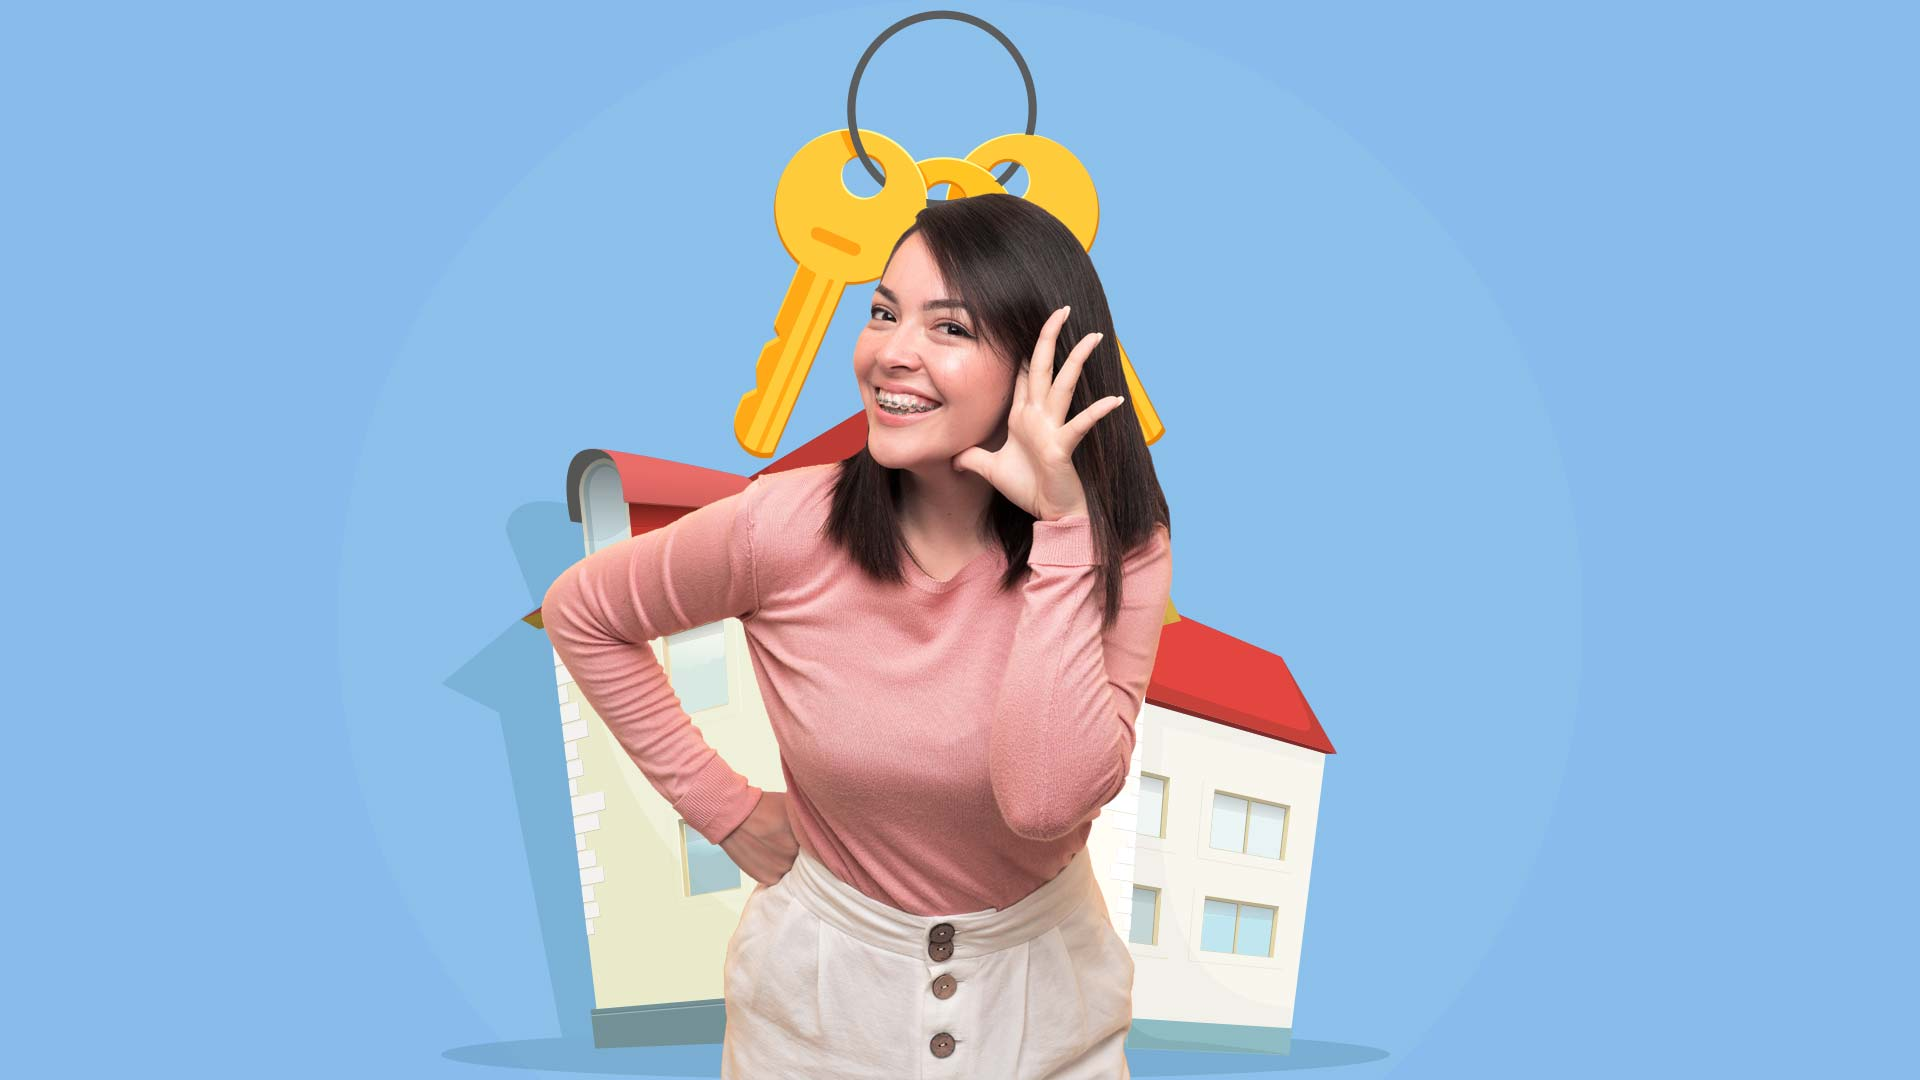 10 Secretos de la venta de inmuebles que debes conocer